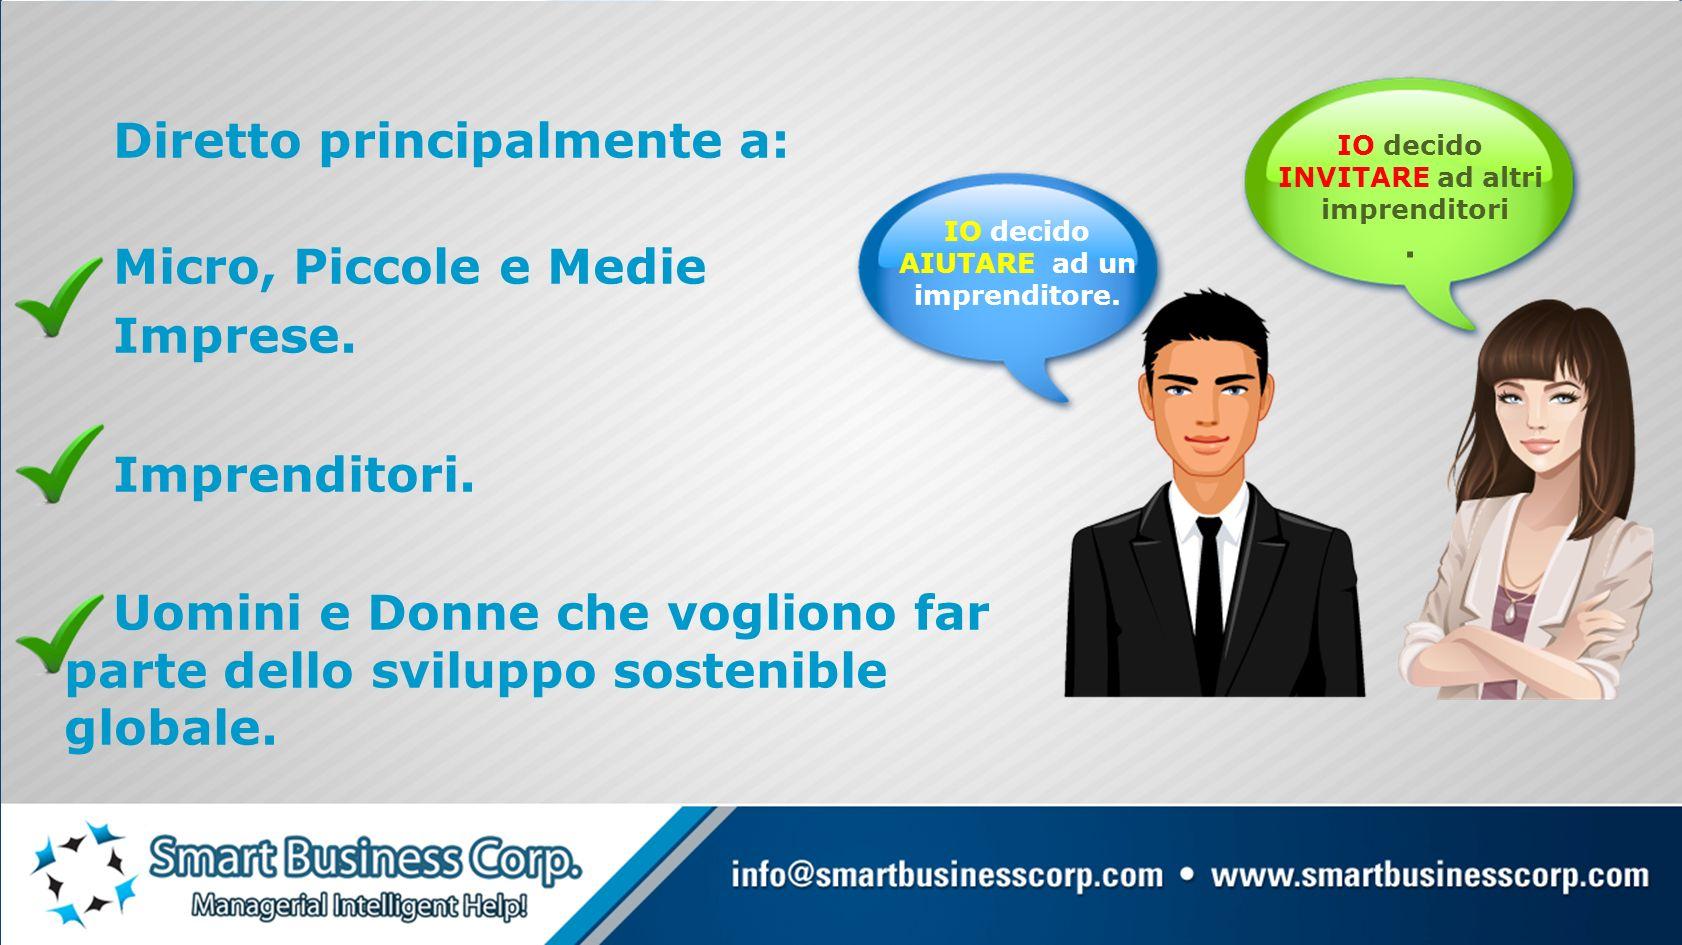 Diretto principalmente a: Micro, Piccole e Medie Imprese.